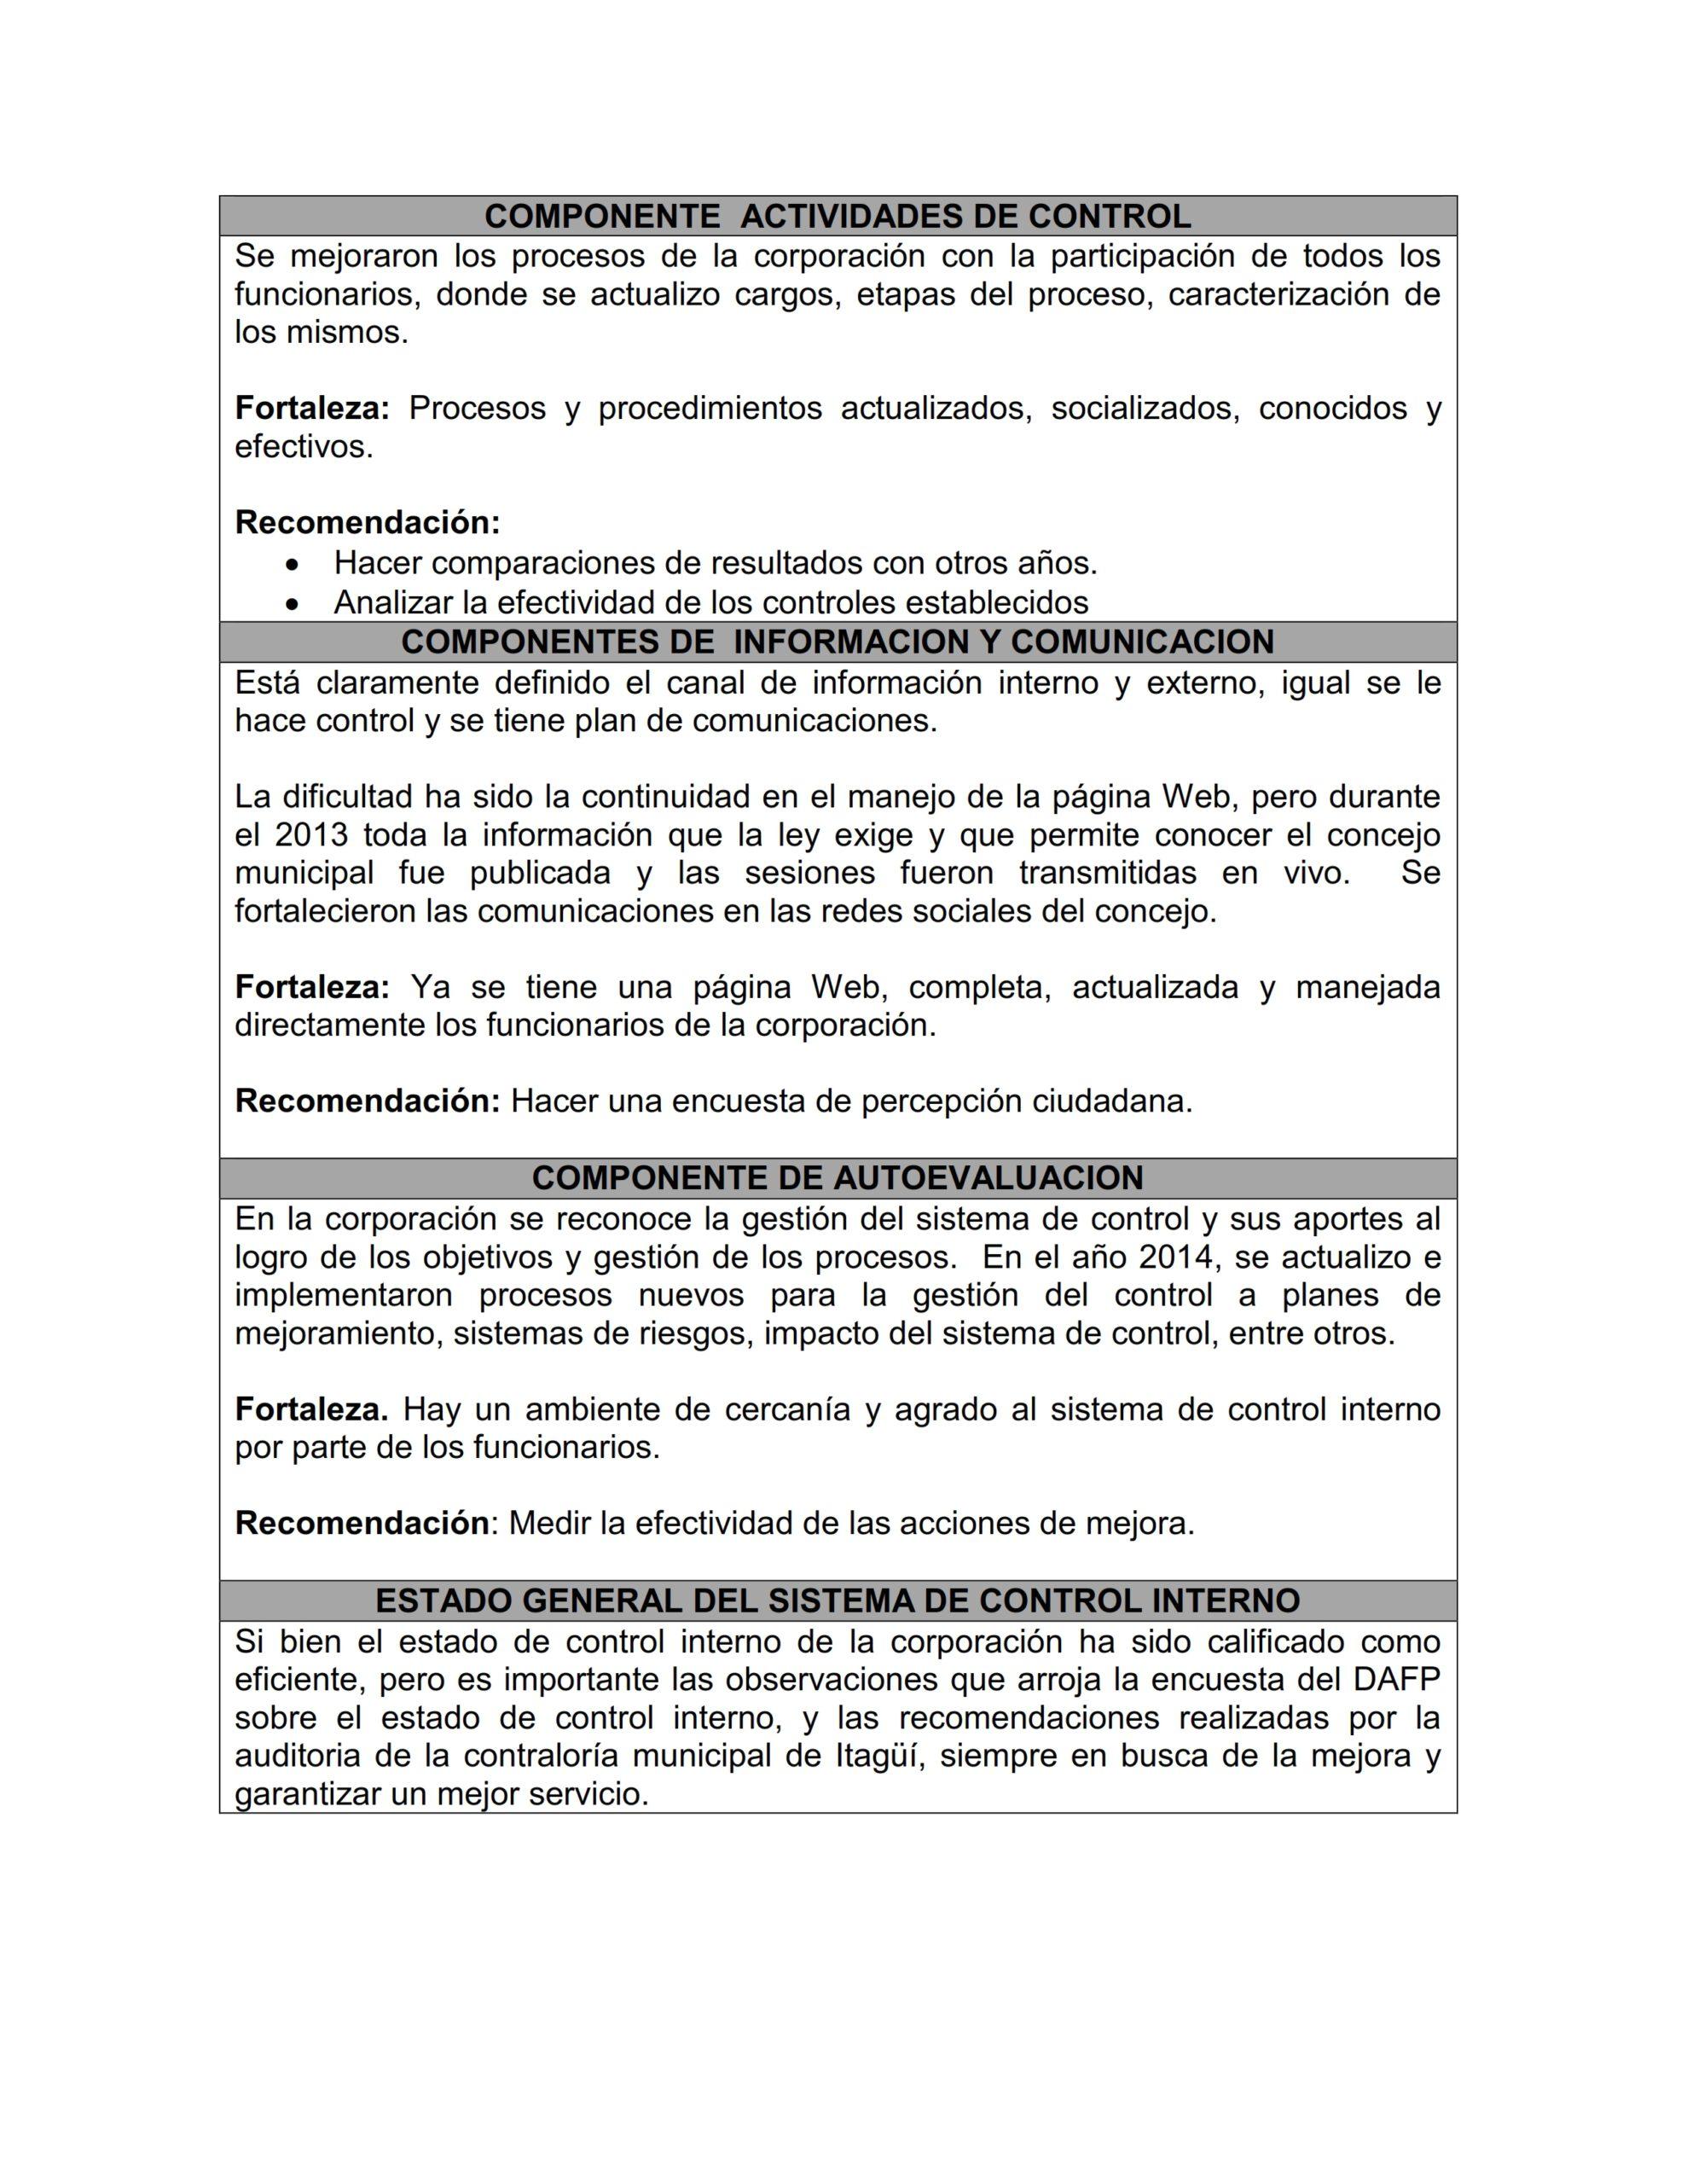 https://concejodeitagui.gov.co/wp-content/uploads/2020/11/2014_primerinforme2-scaled.jpg